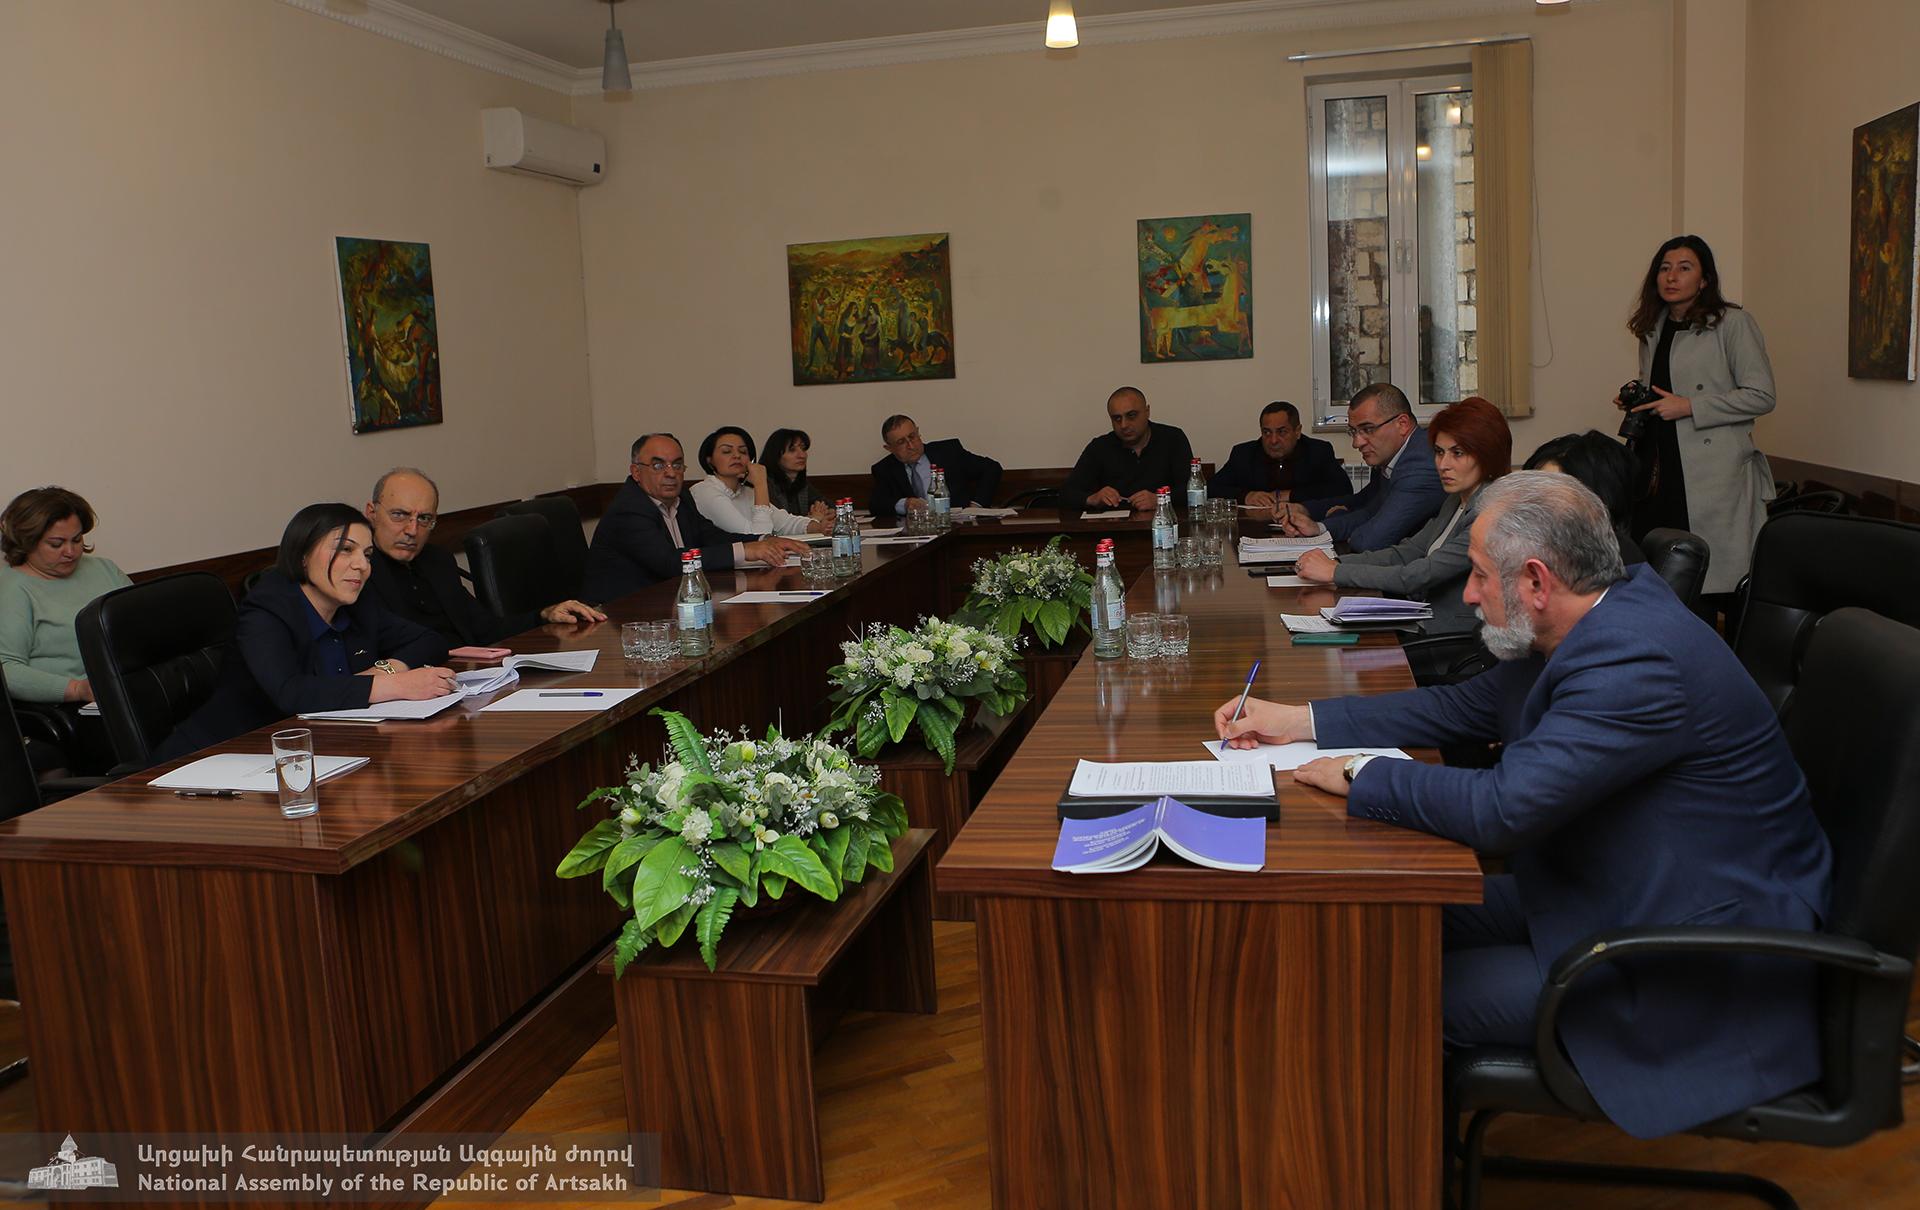 Photo of Տեղի է ունեցել Արցախի Հանրապետության Ազգային ժողովի գիտության, կրթության, մշակույթի, երիտասարդության և սպորտի հարցերի մշտական հանձնաժողովի նիստը